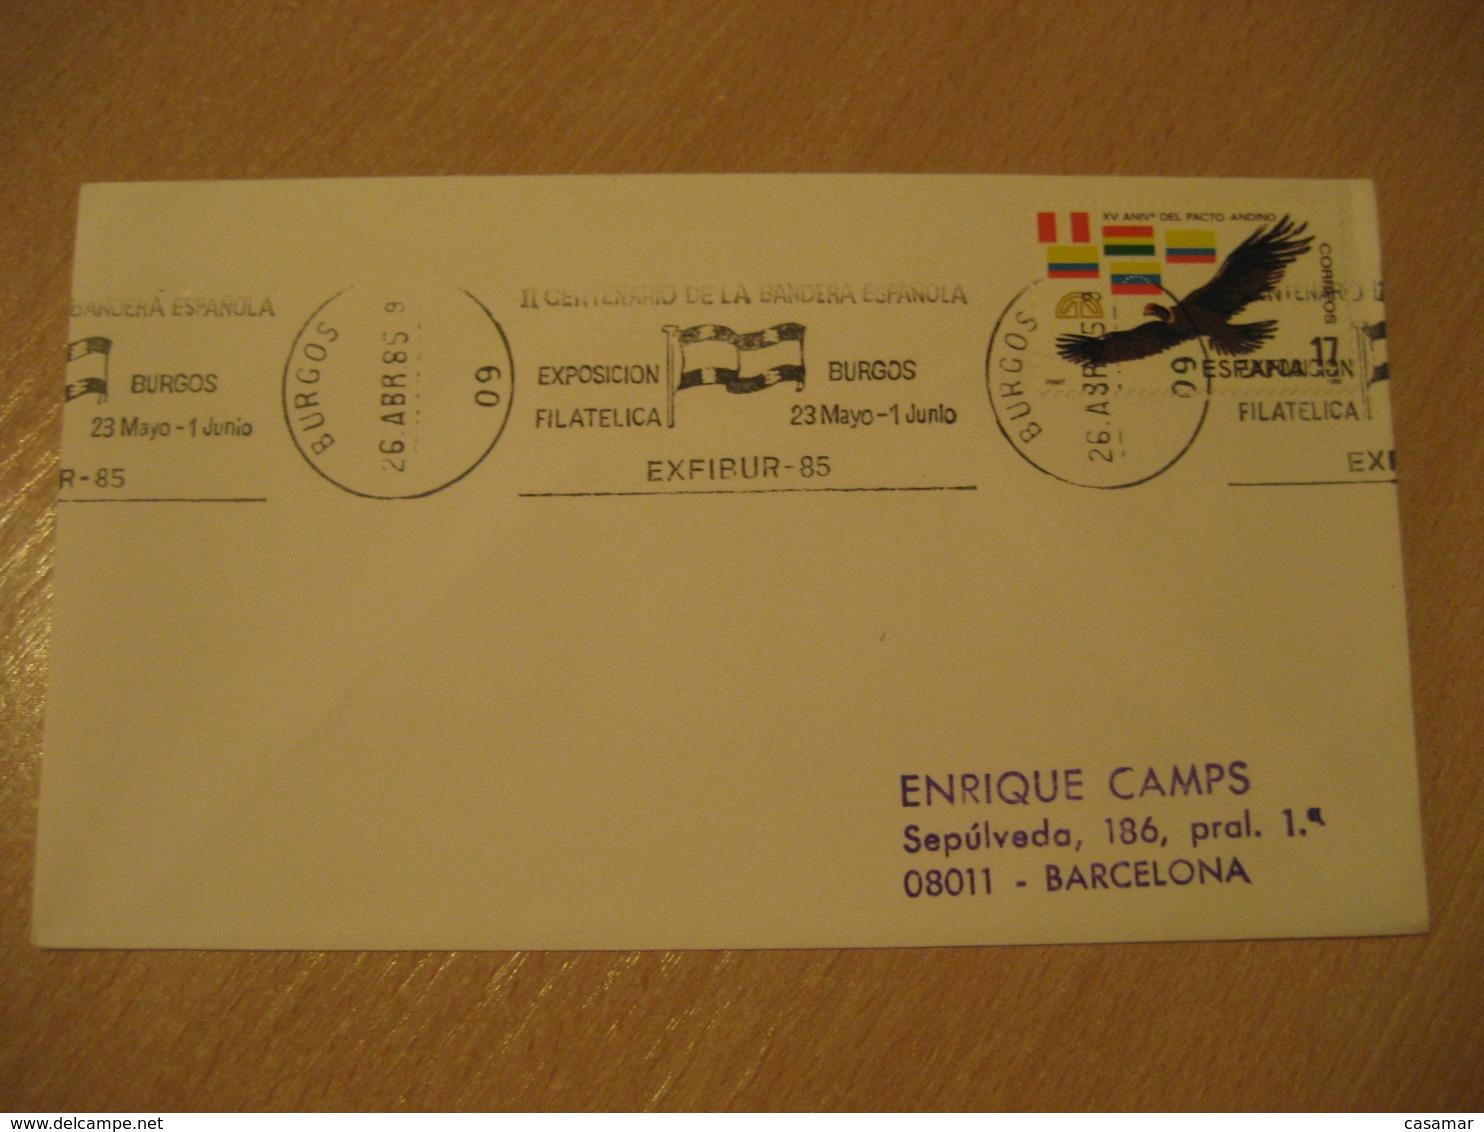 BURGOS 1985 Centenario Centenary Bandera Española Flag Flags Exfibur Cancel Cover SPAIN - Briefe